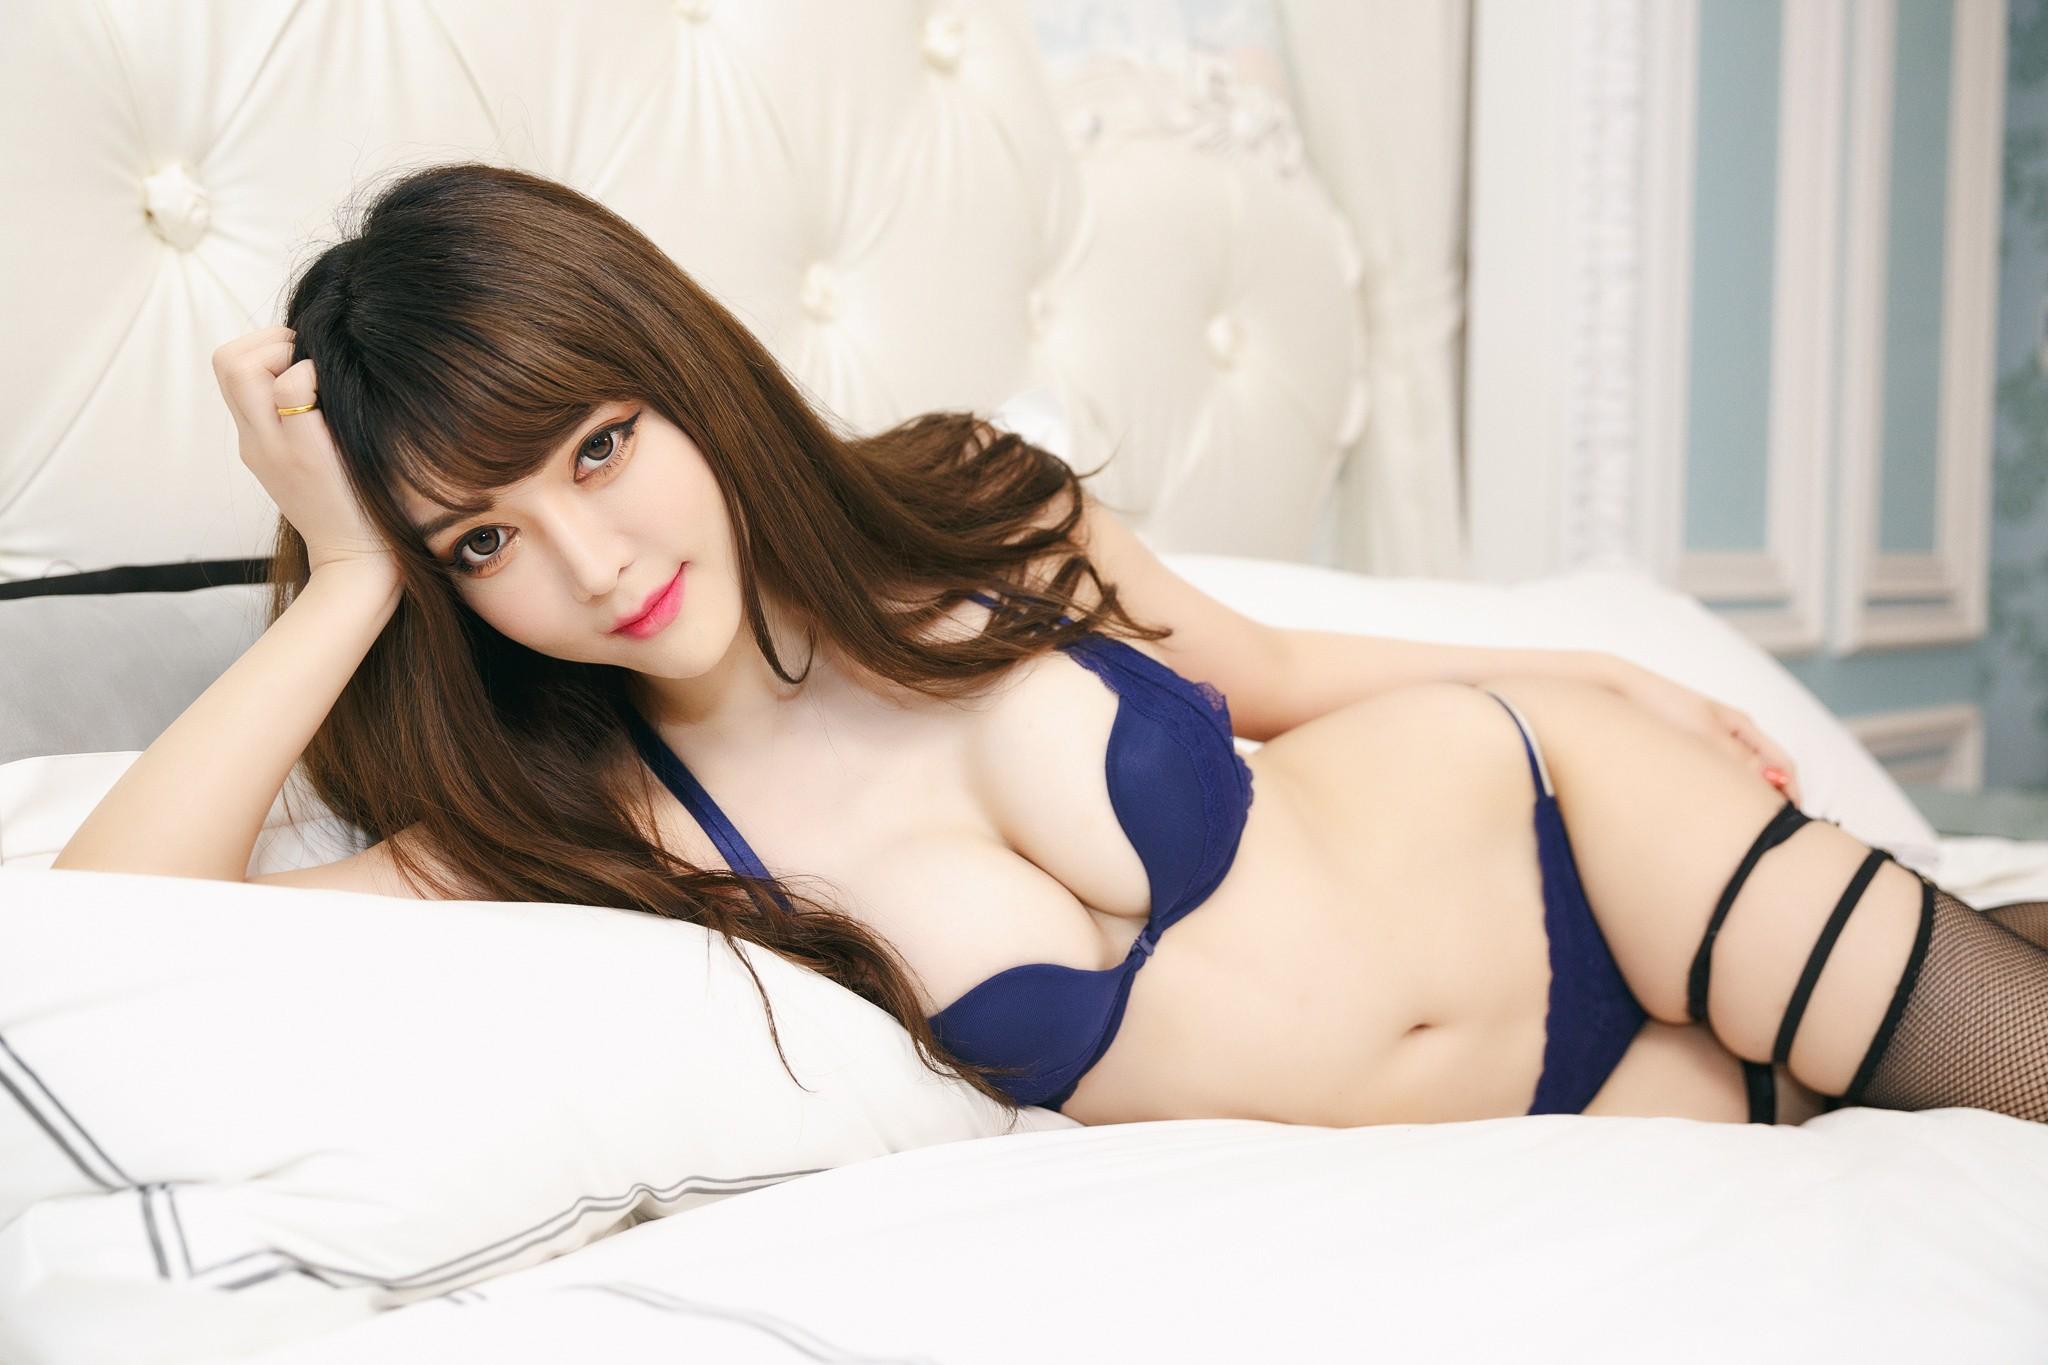 Красивые и сексуальные девчонки японии фото, просто и легко онлайн порно